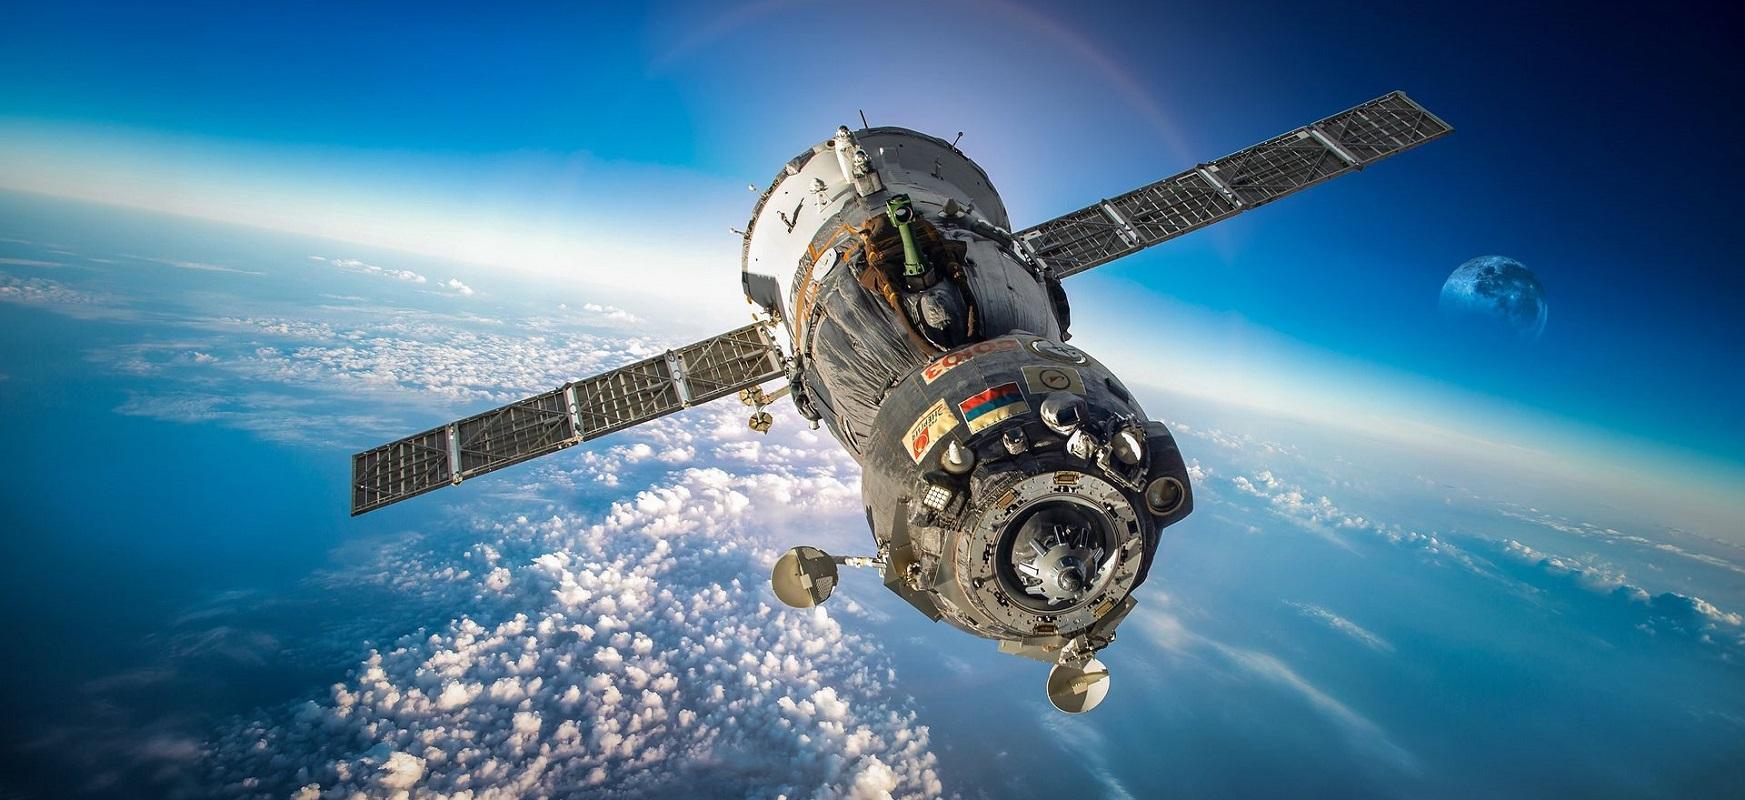 Falcon hegaldia 9 espazio geltokia merkea da.  Errusiaren arabera, askoz ere garestiagoa izan beharko litzateke